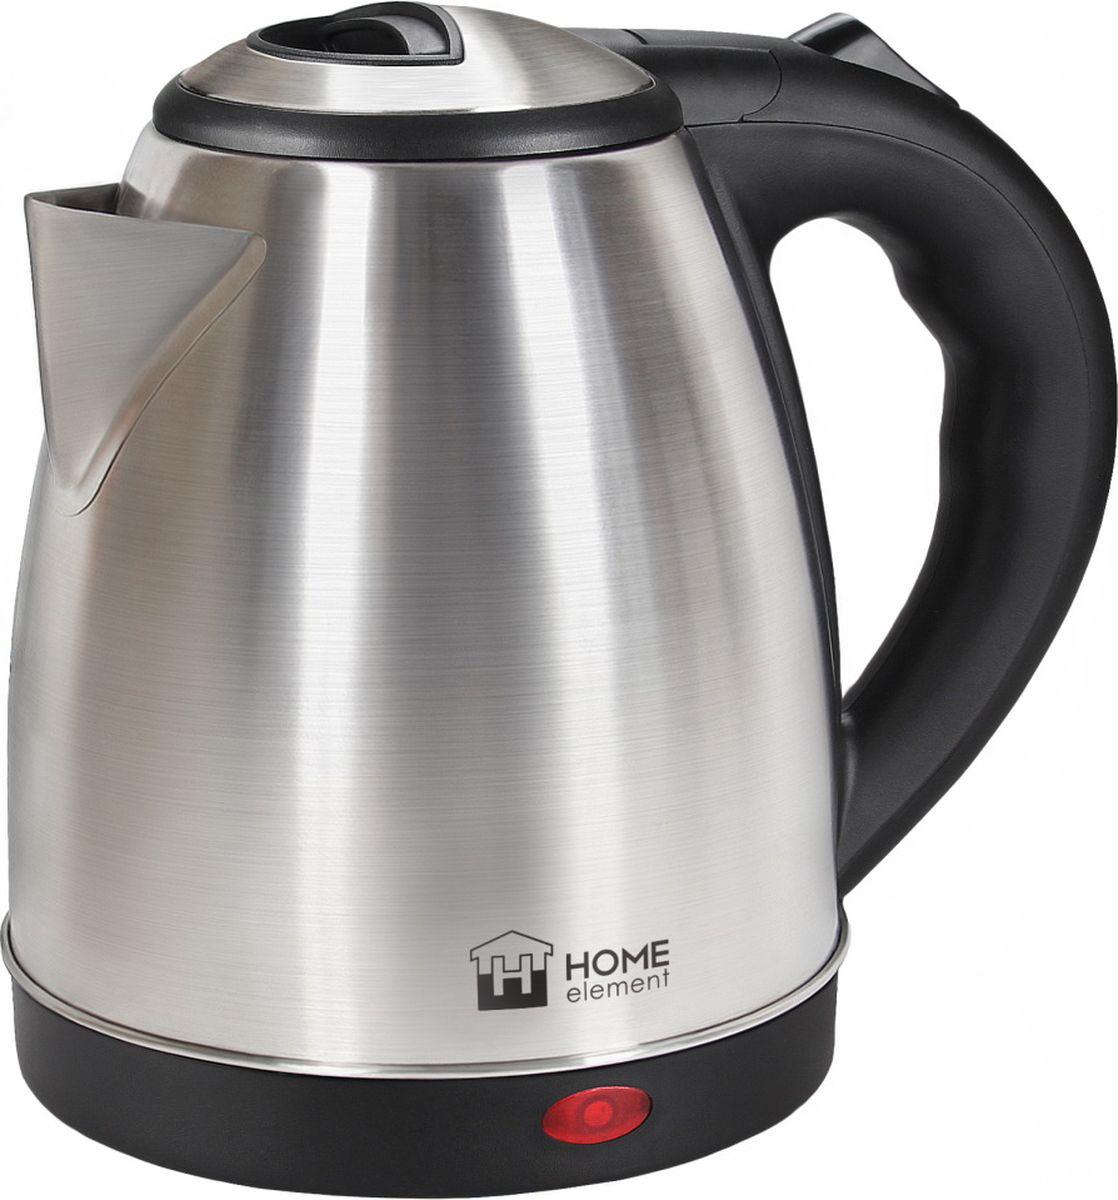 Home Element HE-KT177, Black Steel чайник электрическийHE-KT1771800W 1,7л сталь автоотключение при закипании/отсутствии воды световой индикатор работы